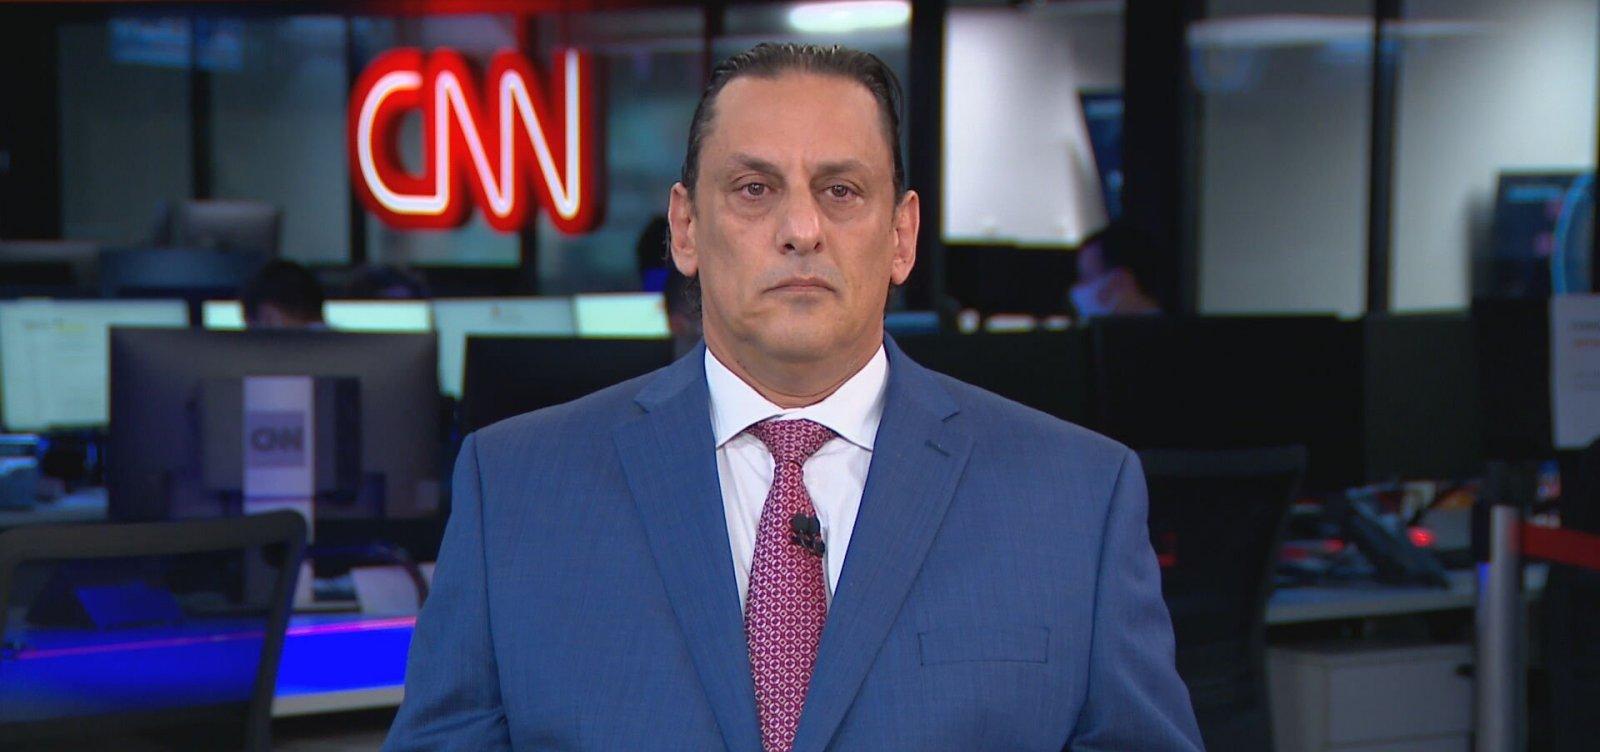 [Wassef confirma ter omitido informações sobre Queiroz e deixa defesa de Flávio Bolsonaro]